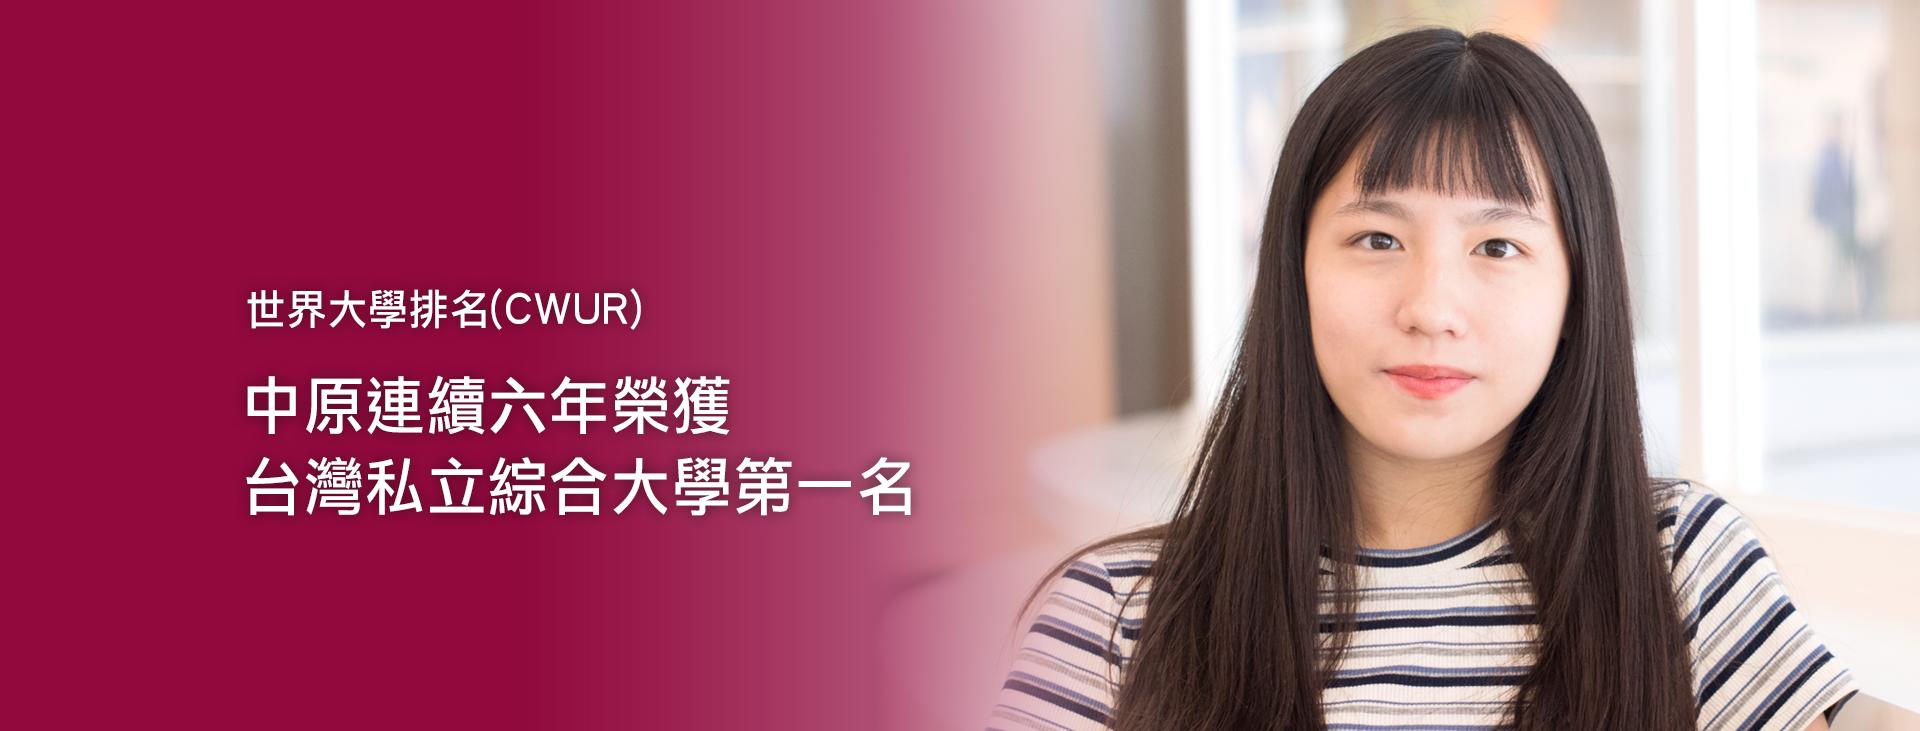 中原大學連續六年榮獲世界大學排名中心(CWUR)台灣私立綜合大學第一名!!!